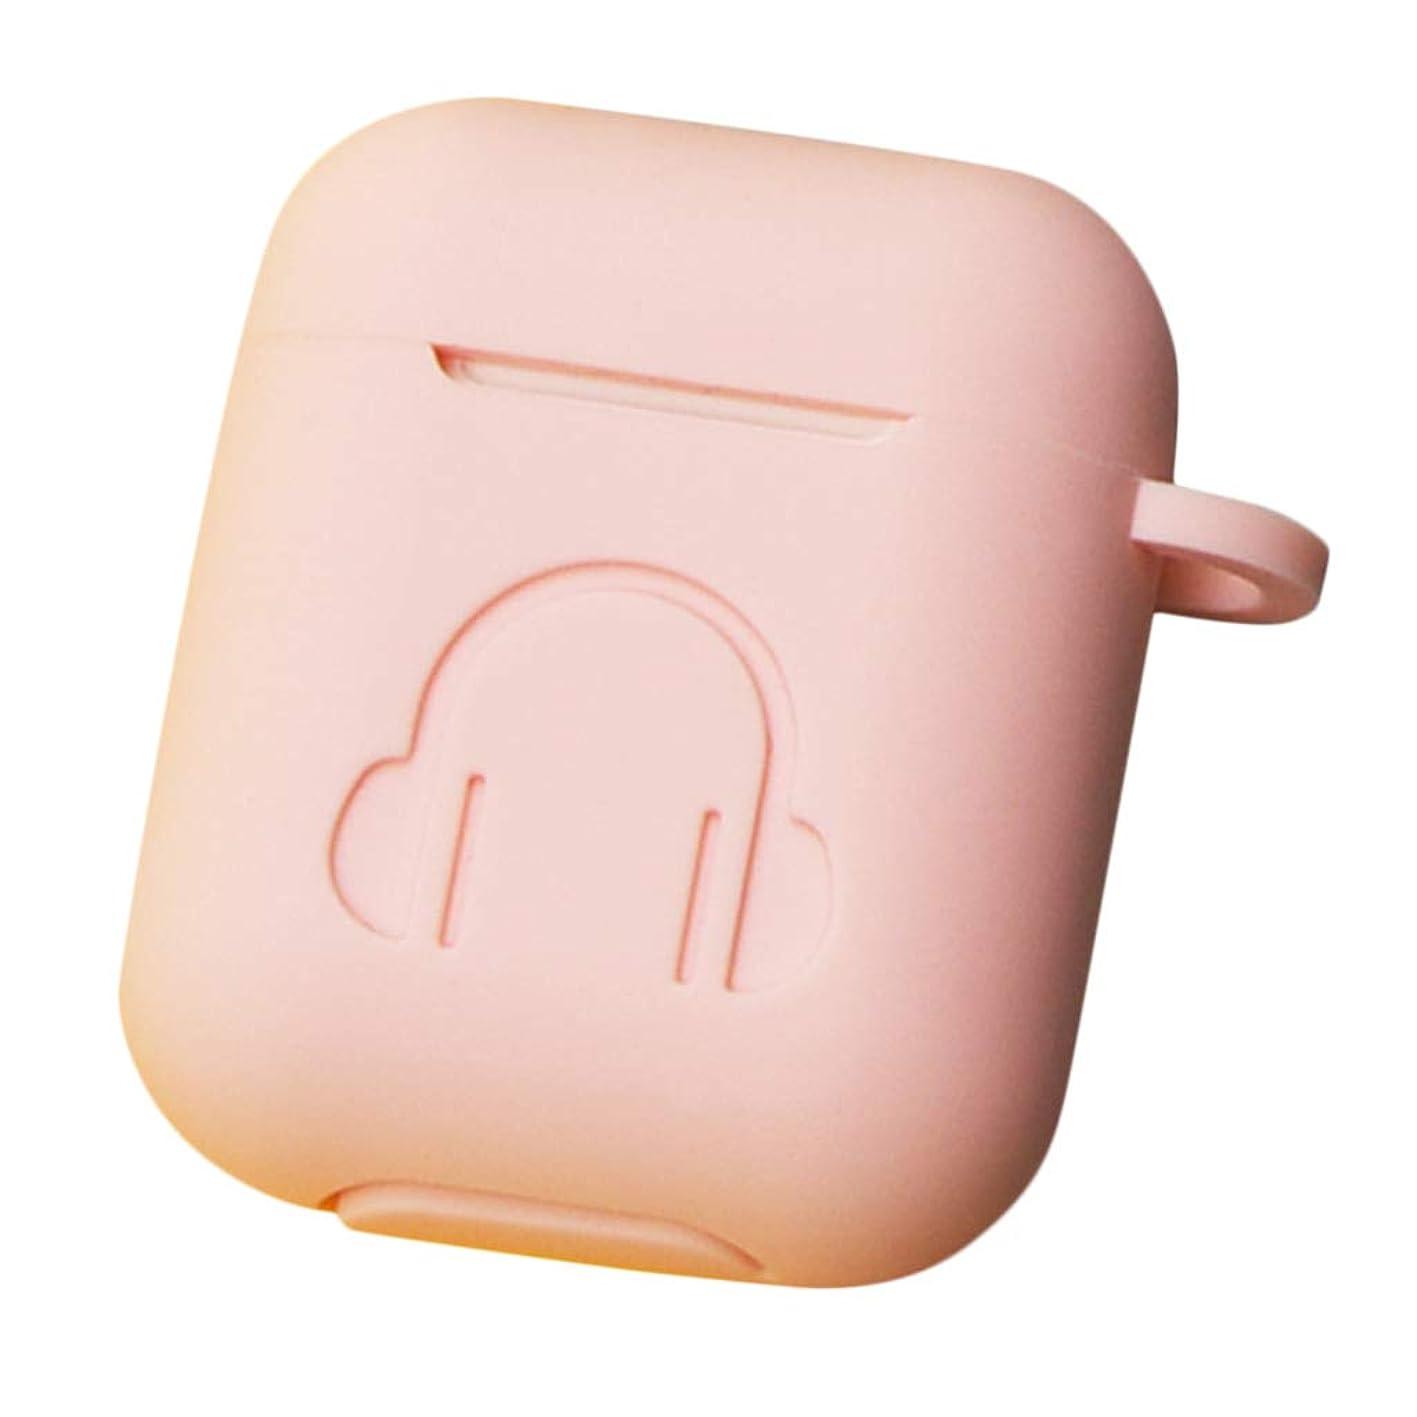 嫌なドライバ請求可能Shiwaki イヤホンカバー カバーケース シリコン 保護 充電ボックス Apple Airpods用 - 淡いピンク